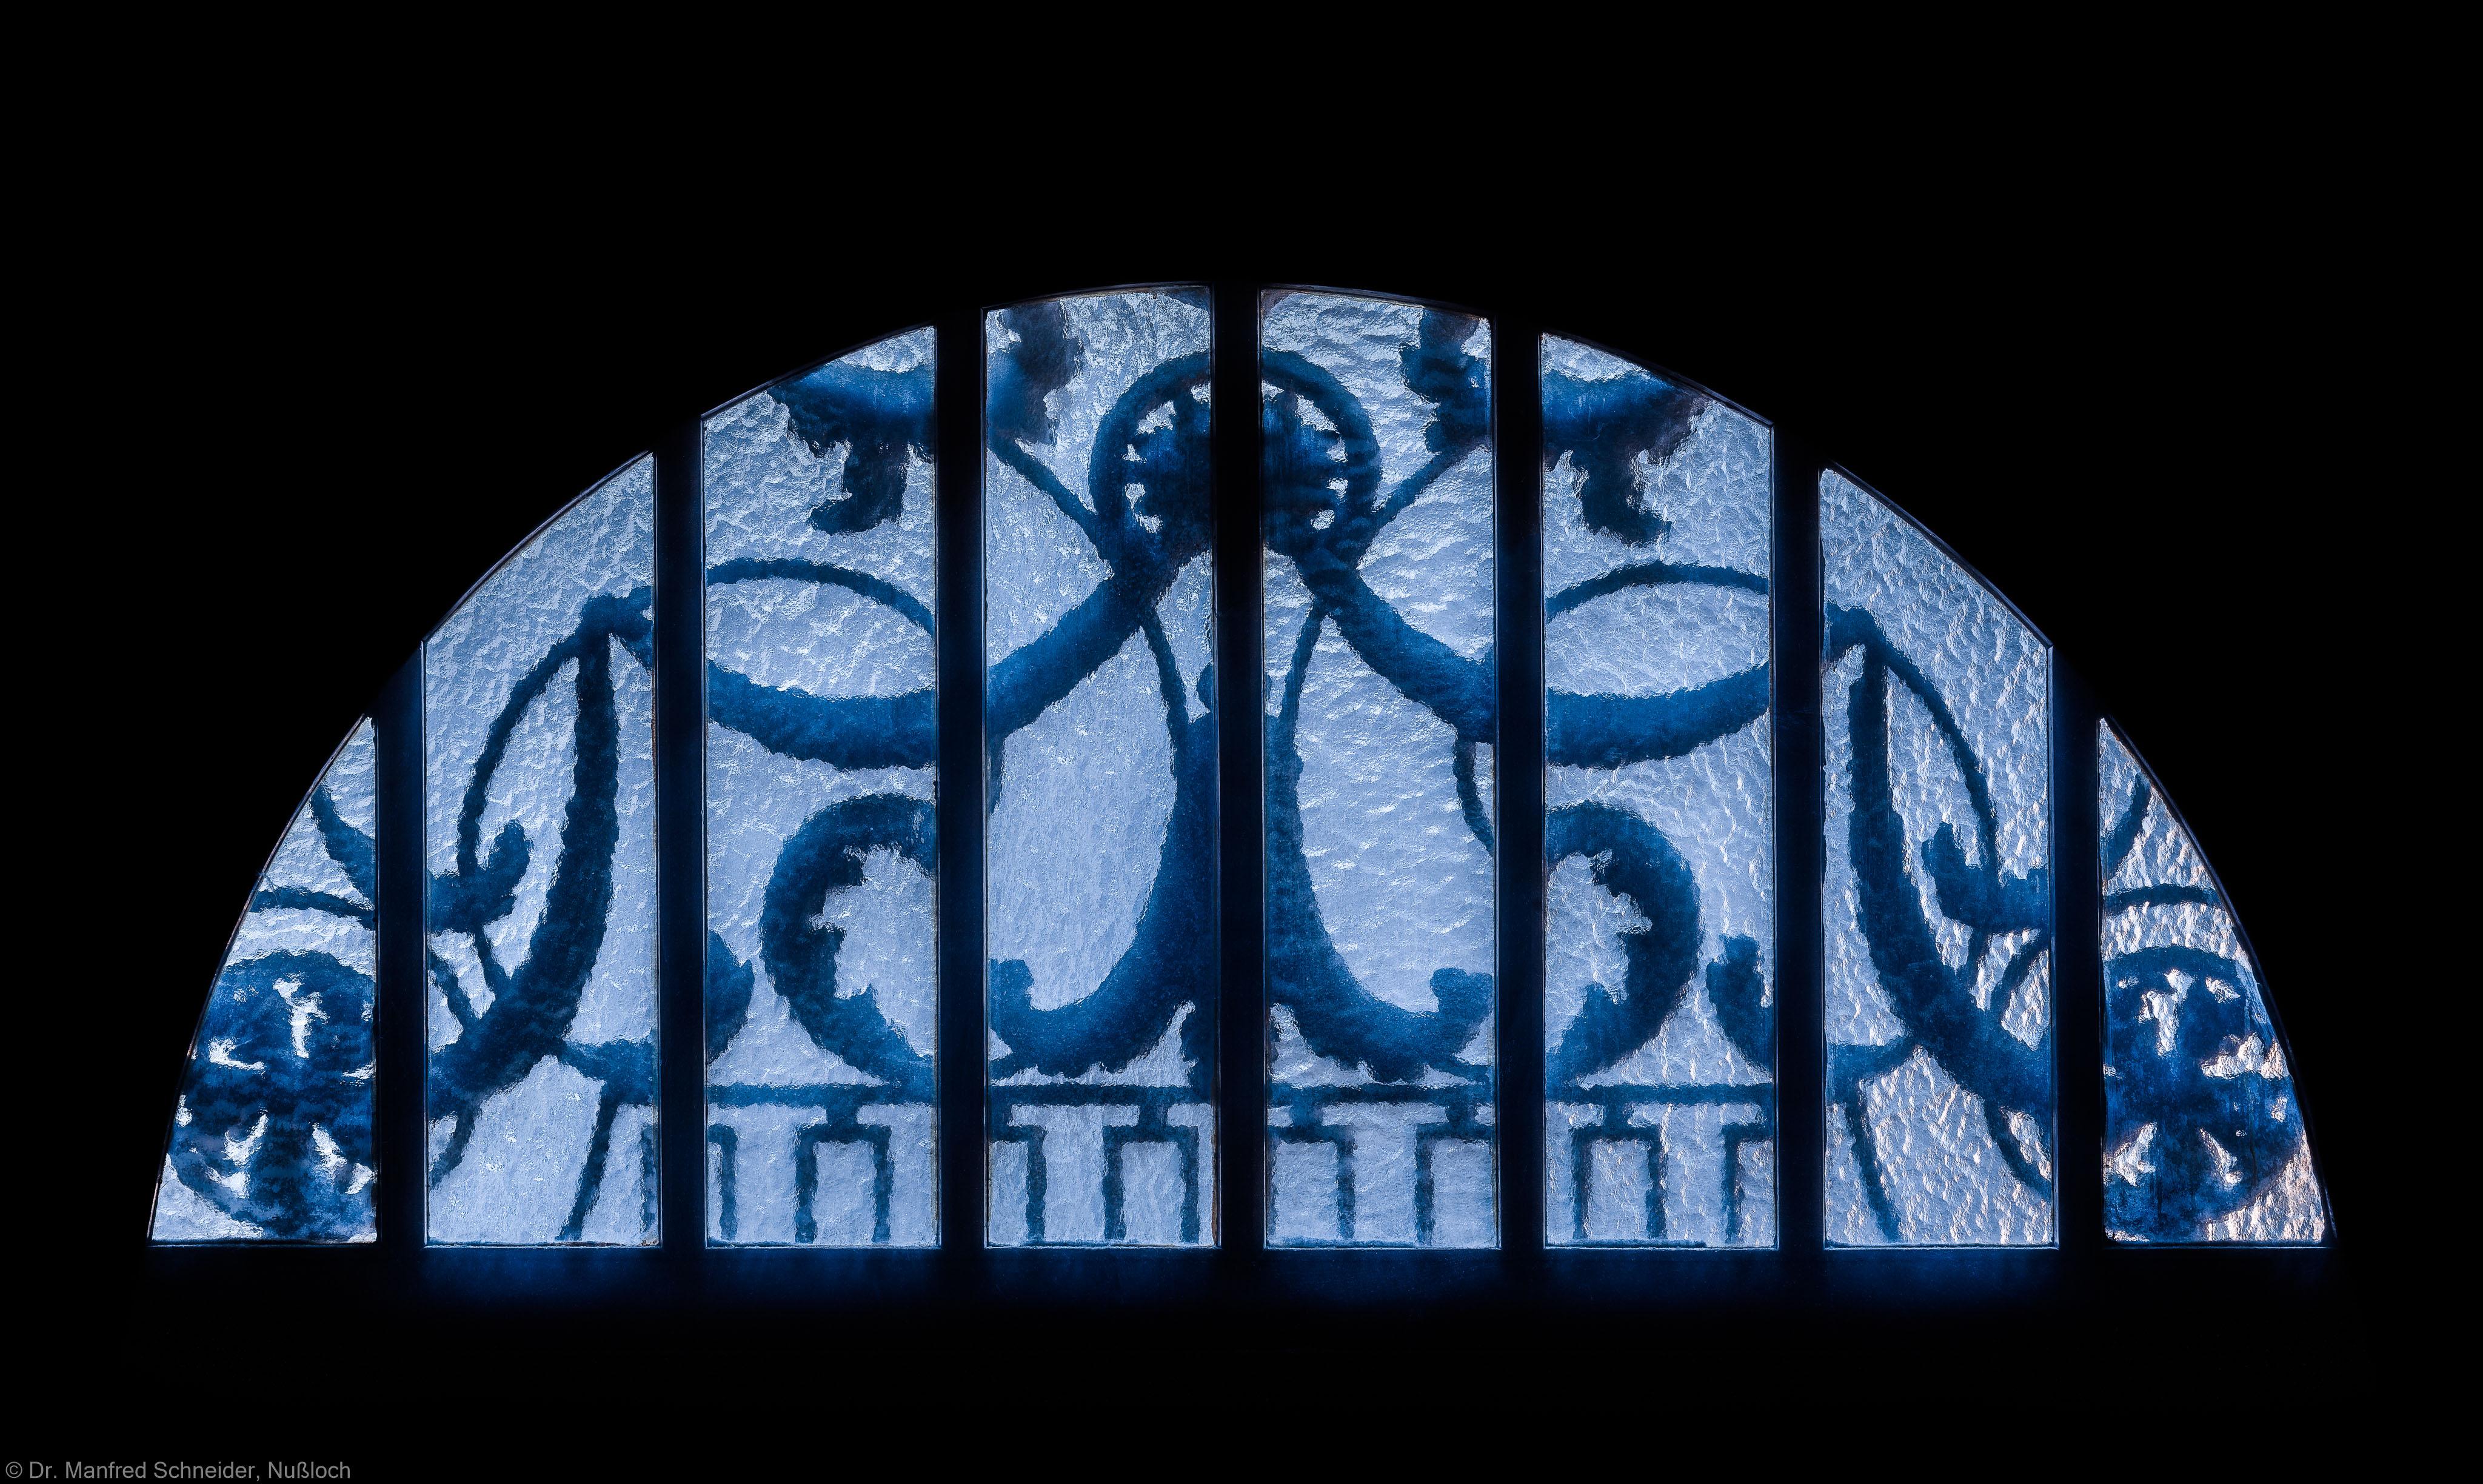 Heidelberg - Heiliggeistkirche - Südseite - Mittleres Südportal - Rundbogen, von innen, in der Dämmerung (aufgenommen im Februar 2014, am späten Nachmittag)